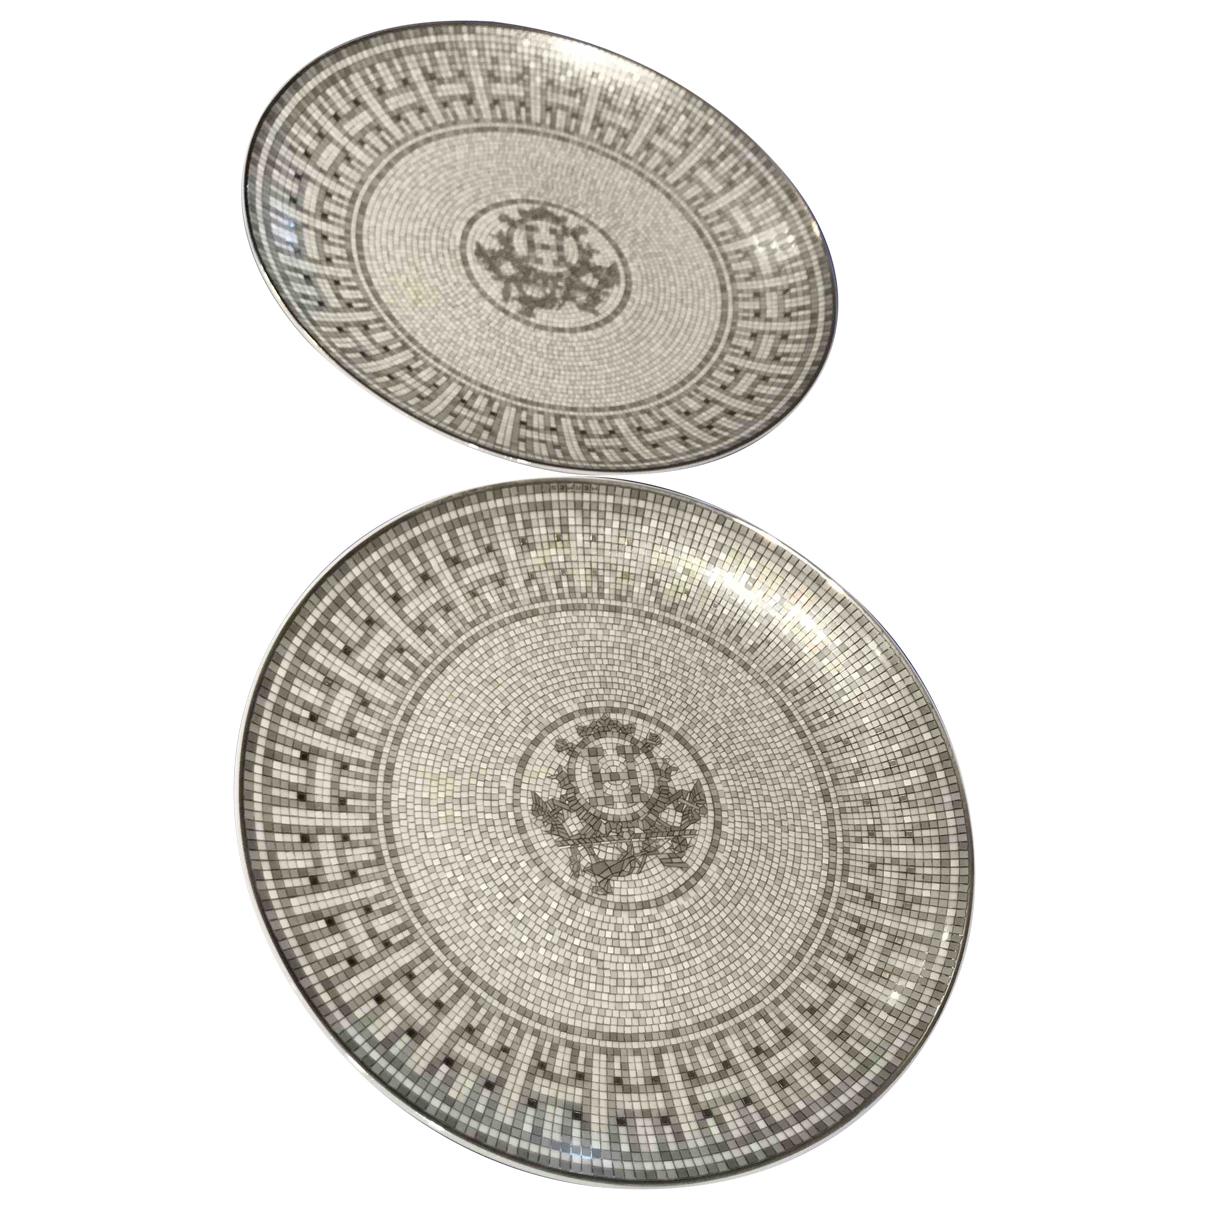 Hermes - Arts de la table Mosaique au 24 pour lifestyle en porcelaine - gris